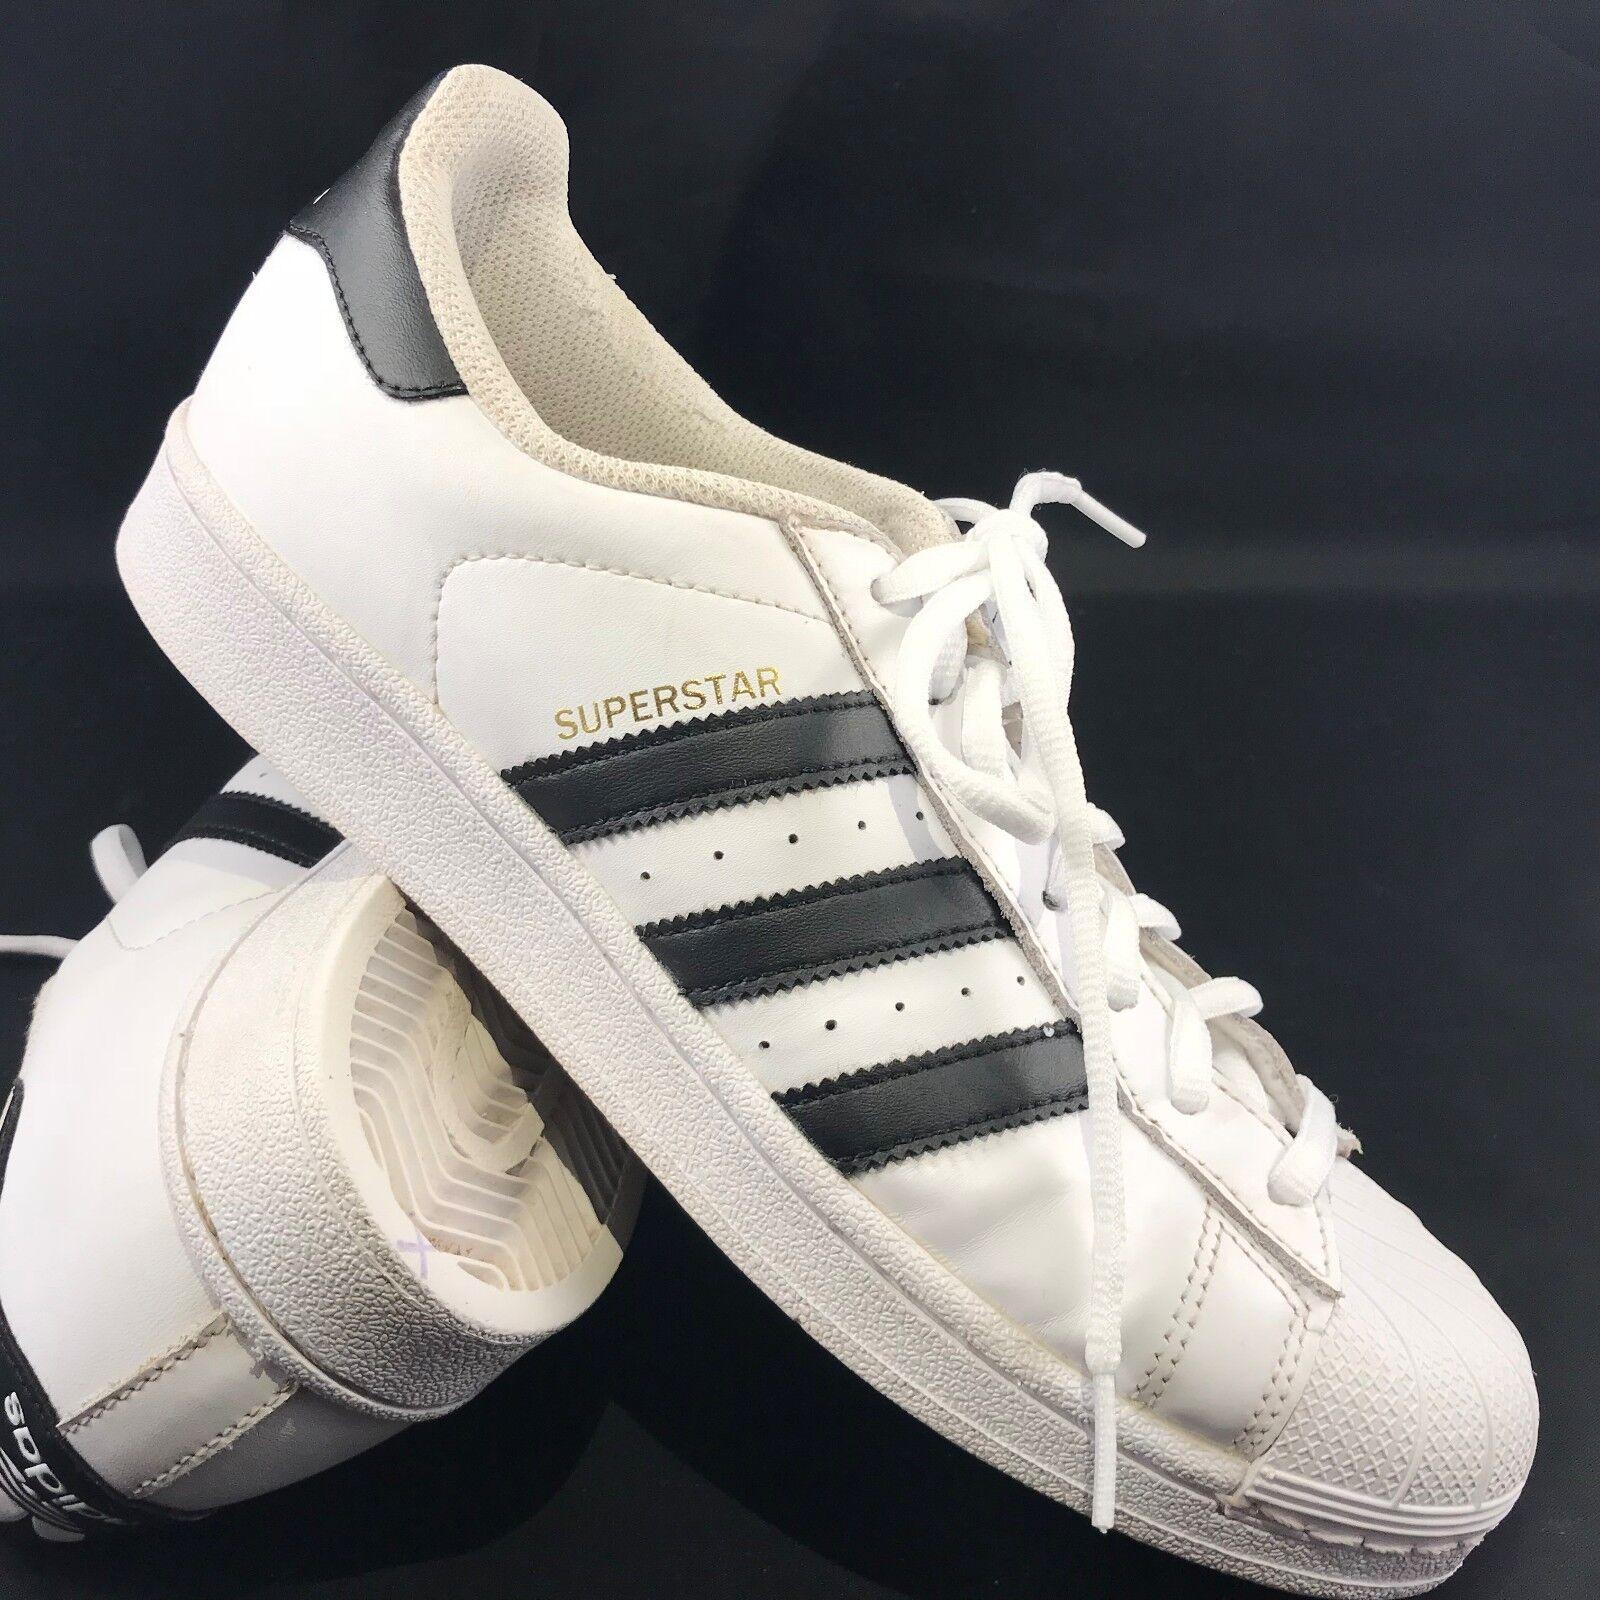 Adidas Superstar blanches noires Originaux femmes Sz 9.5, 42 Eu Superstars